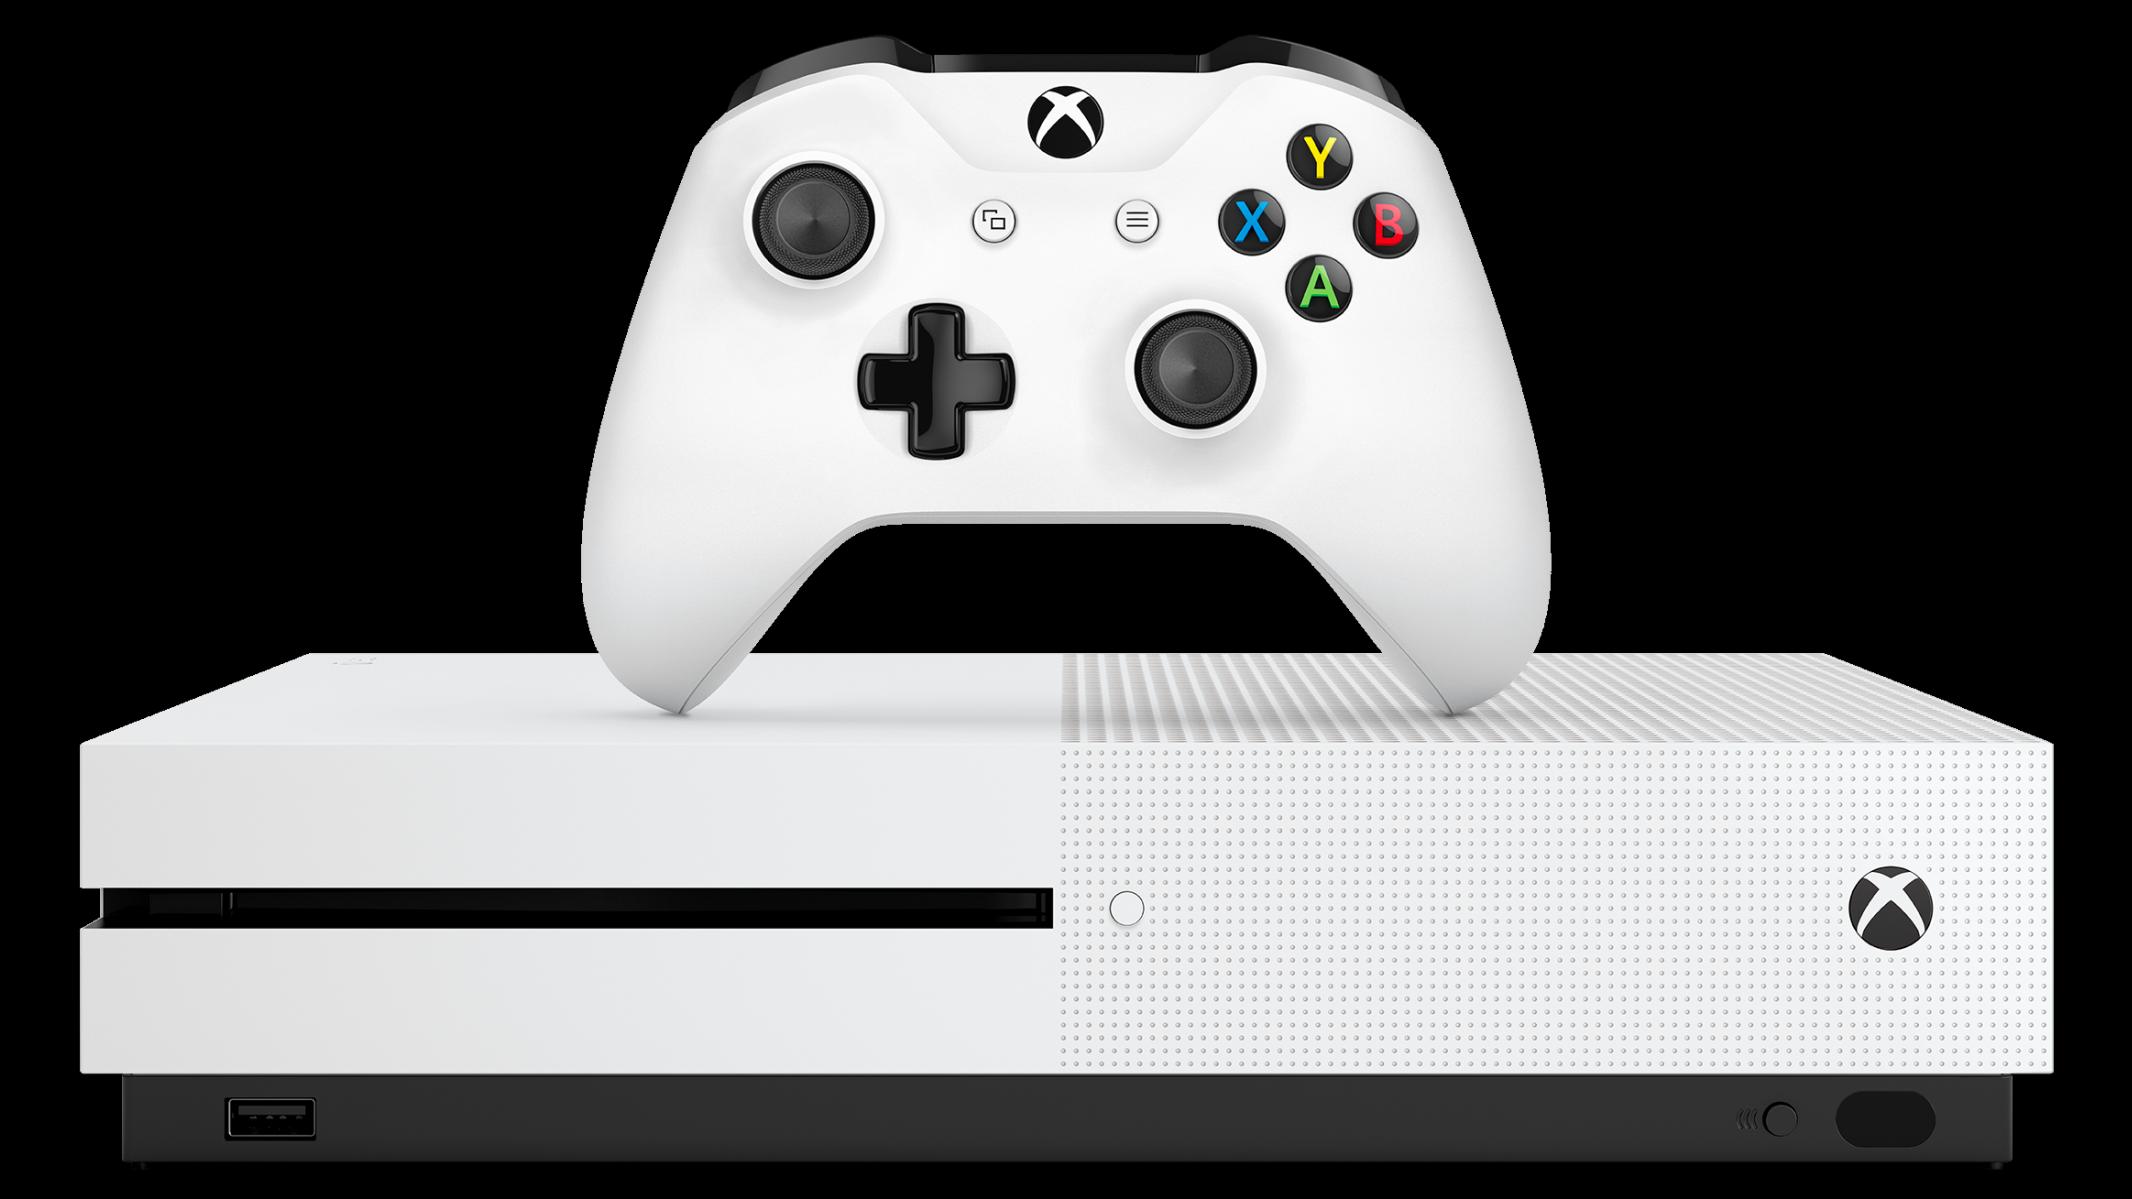 Dropper diskdrevet i ny Xbox